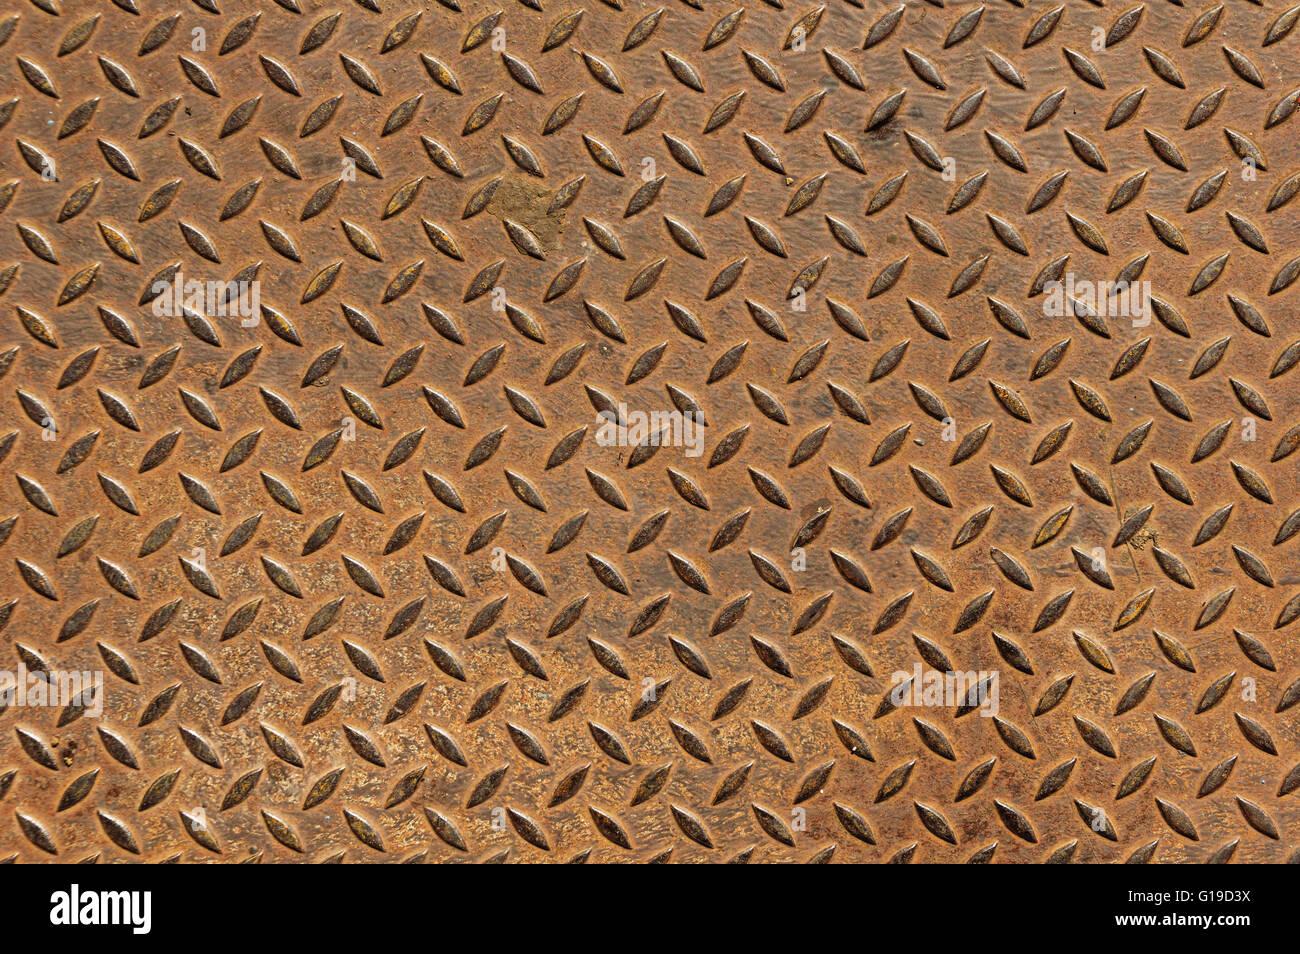 alte rostiger Diamant Lauffläche Anti Rutsch Metallplatte Hintergrund Stockbild